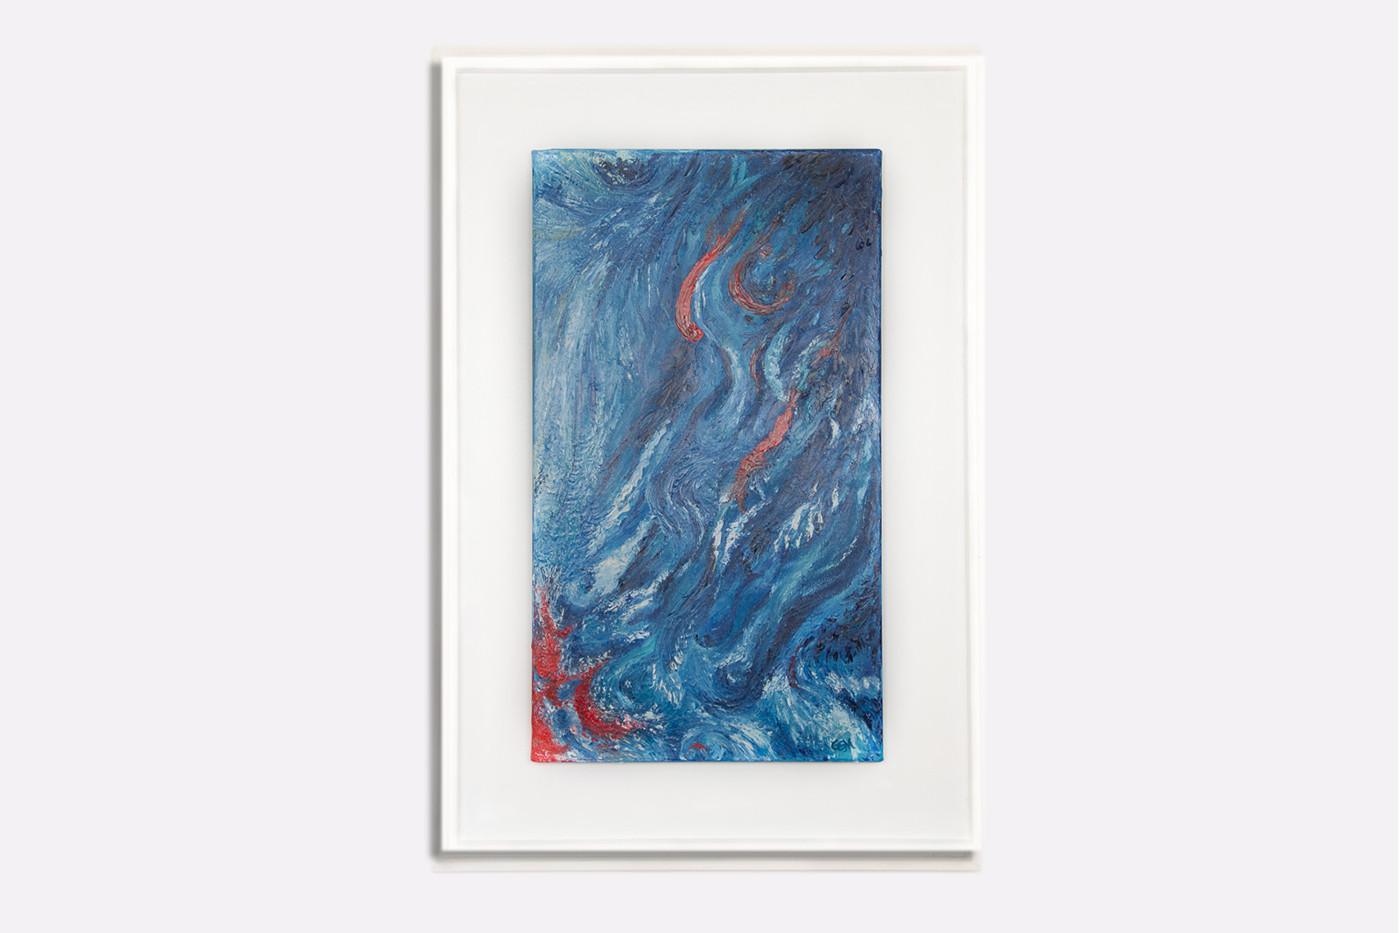 Marea Roja  |  Red tide